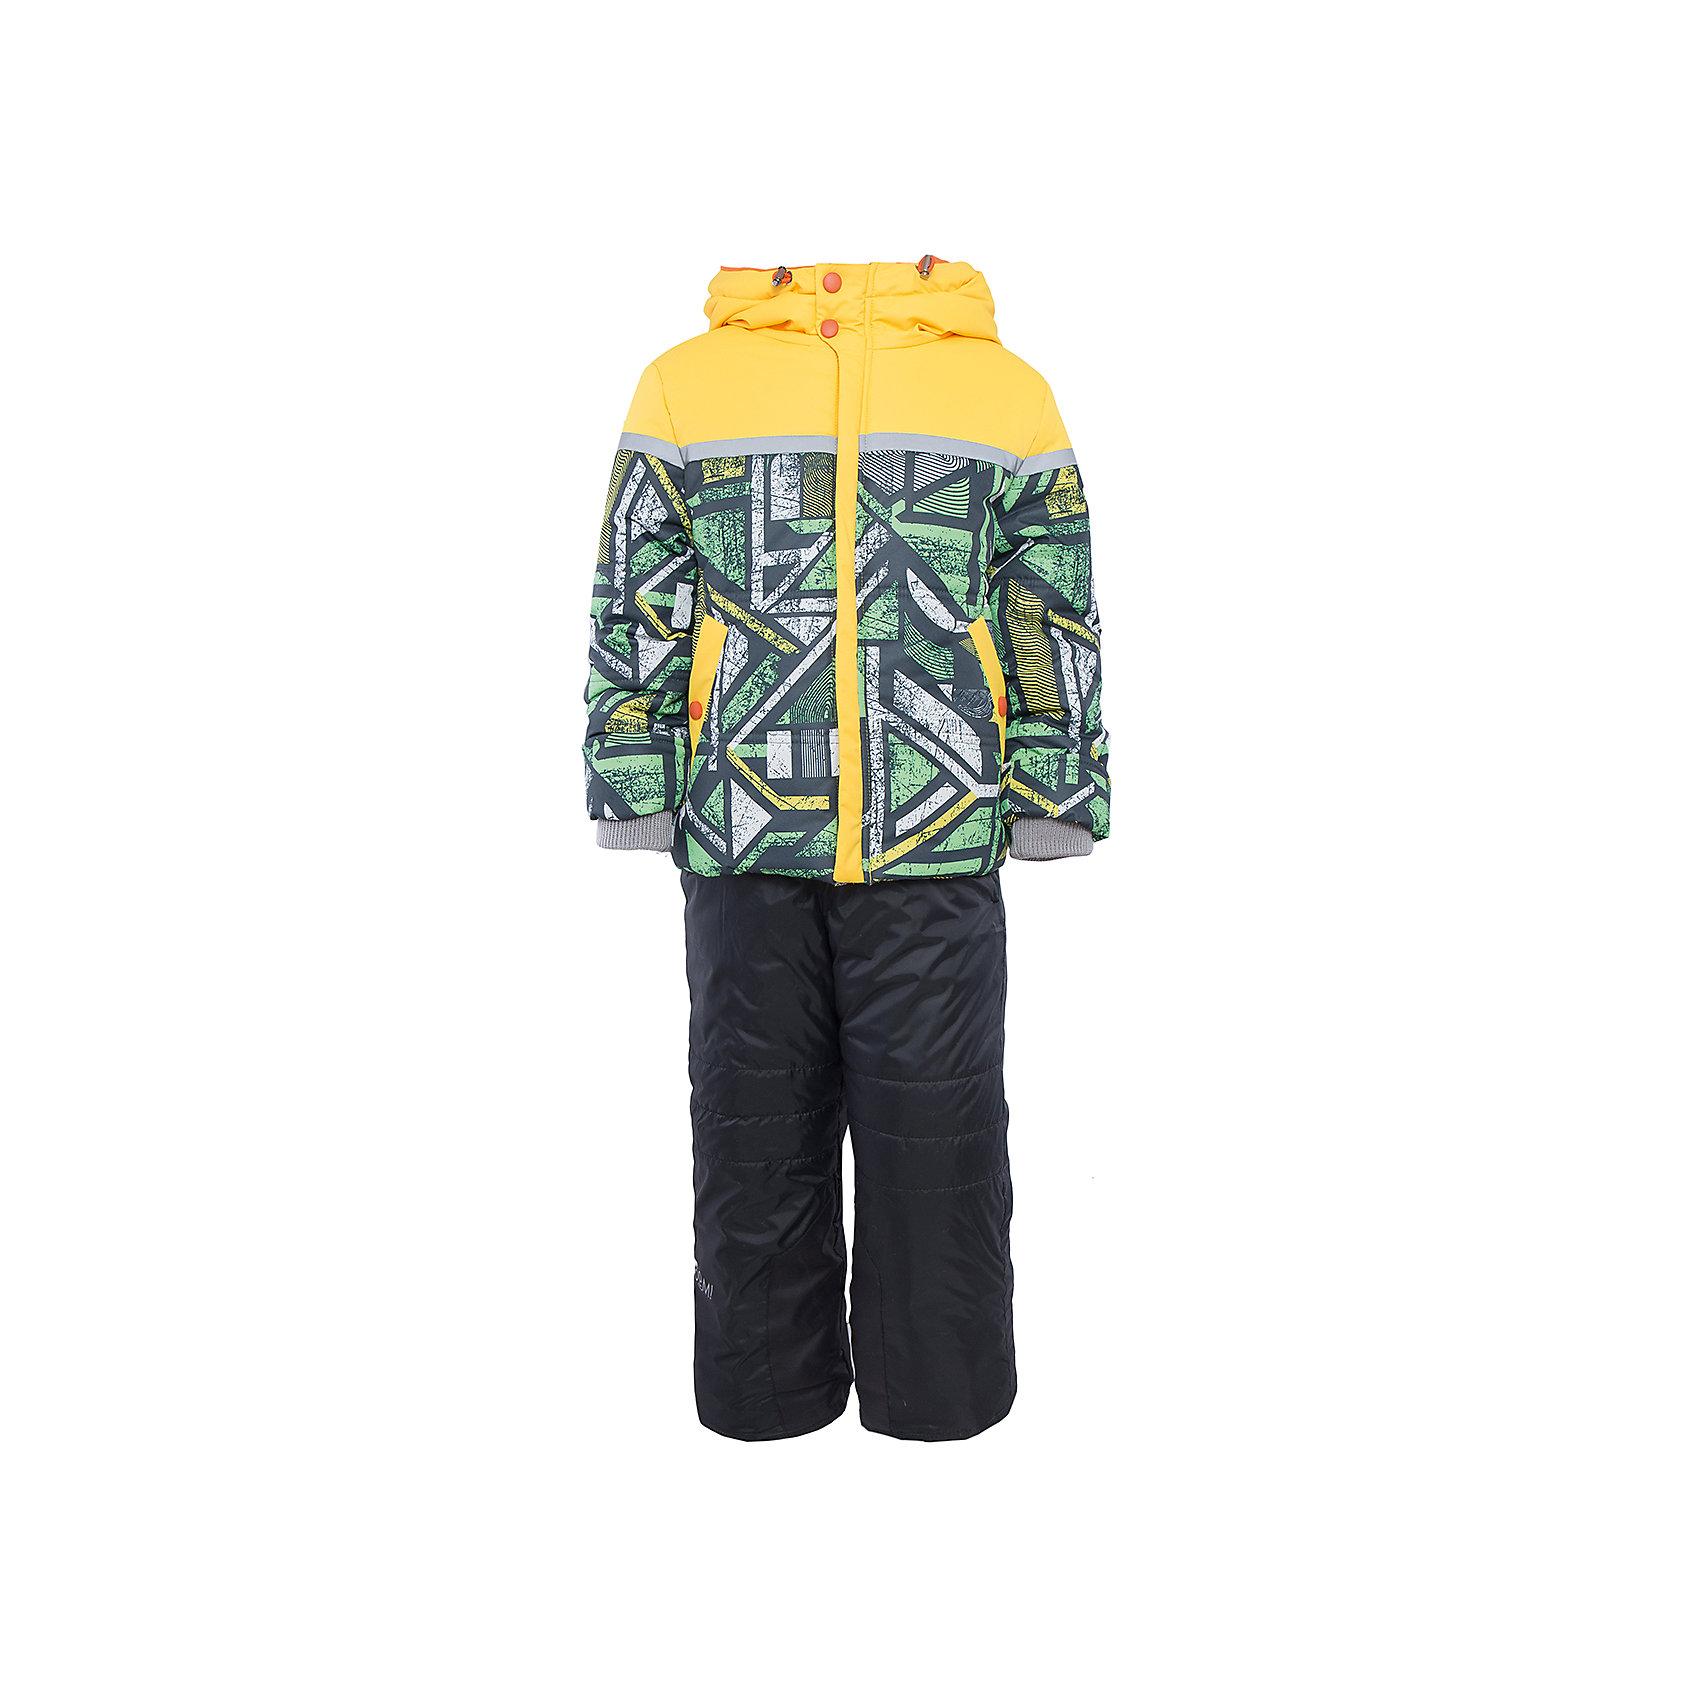 Комплект: куртка и брюки для мальчика BOOM by OrbyВерхняя одежда<br>Характеристики изделия:<br><br>- комплектация: куртка, полукомбинезон;<br>- материа л верха: 100% полиэстер;;<br>- подкладка: ПЭ, флис;<br>- утеплитель: эко-синтепон 400 г/м2, 200 г/м2; <br>- фурнитура: металл, пластик;<br>- застежка: молния;<br>- капюшон;<br>- внутренний ветрозащитный клапан;<br>- принт на куртке;<br>- температурный режим до -30°С<br><br><br>В холодный сезон важно одеть ребенка комфортно и тепло. Этот стильный и теплый комплект позволит мальчику наслаждаться зимним отдыхом, не боясь замерзнуть, и выглядеть при этом очень симпатично.<br>Теплая куртка плотно сидит благодаря манжетам и надежным застежкам. Она смотрится очень эффектно благодаря стильному принту. Полукомбинезон дополнен регулируемыми лямками, карманами и манжетами.<br><br>Комплект: курта и брюки для мальчика от бренда BOOM by Orby можно купить в нашем магазине.<br><br>Ширина мм: 215<br>Глубина мм: 88<br>Высота мм: 191<br>Вес г: 336<br>Цвет: зеленый<br>Возраст от месяцев: 24<br>Возраст до месяцев: 36<br>Пол: Мужской<br>Возраст: Детский<br>Размер: 98,110,116,122,92,86,104<br>SKU: 4982754